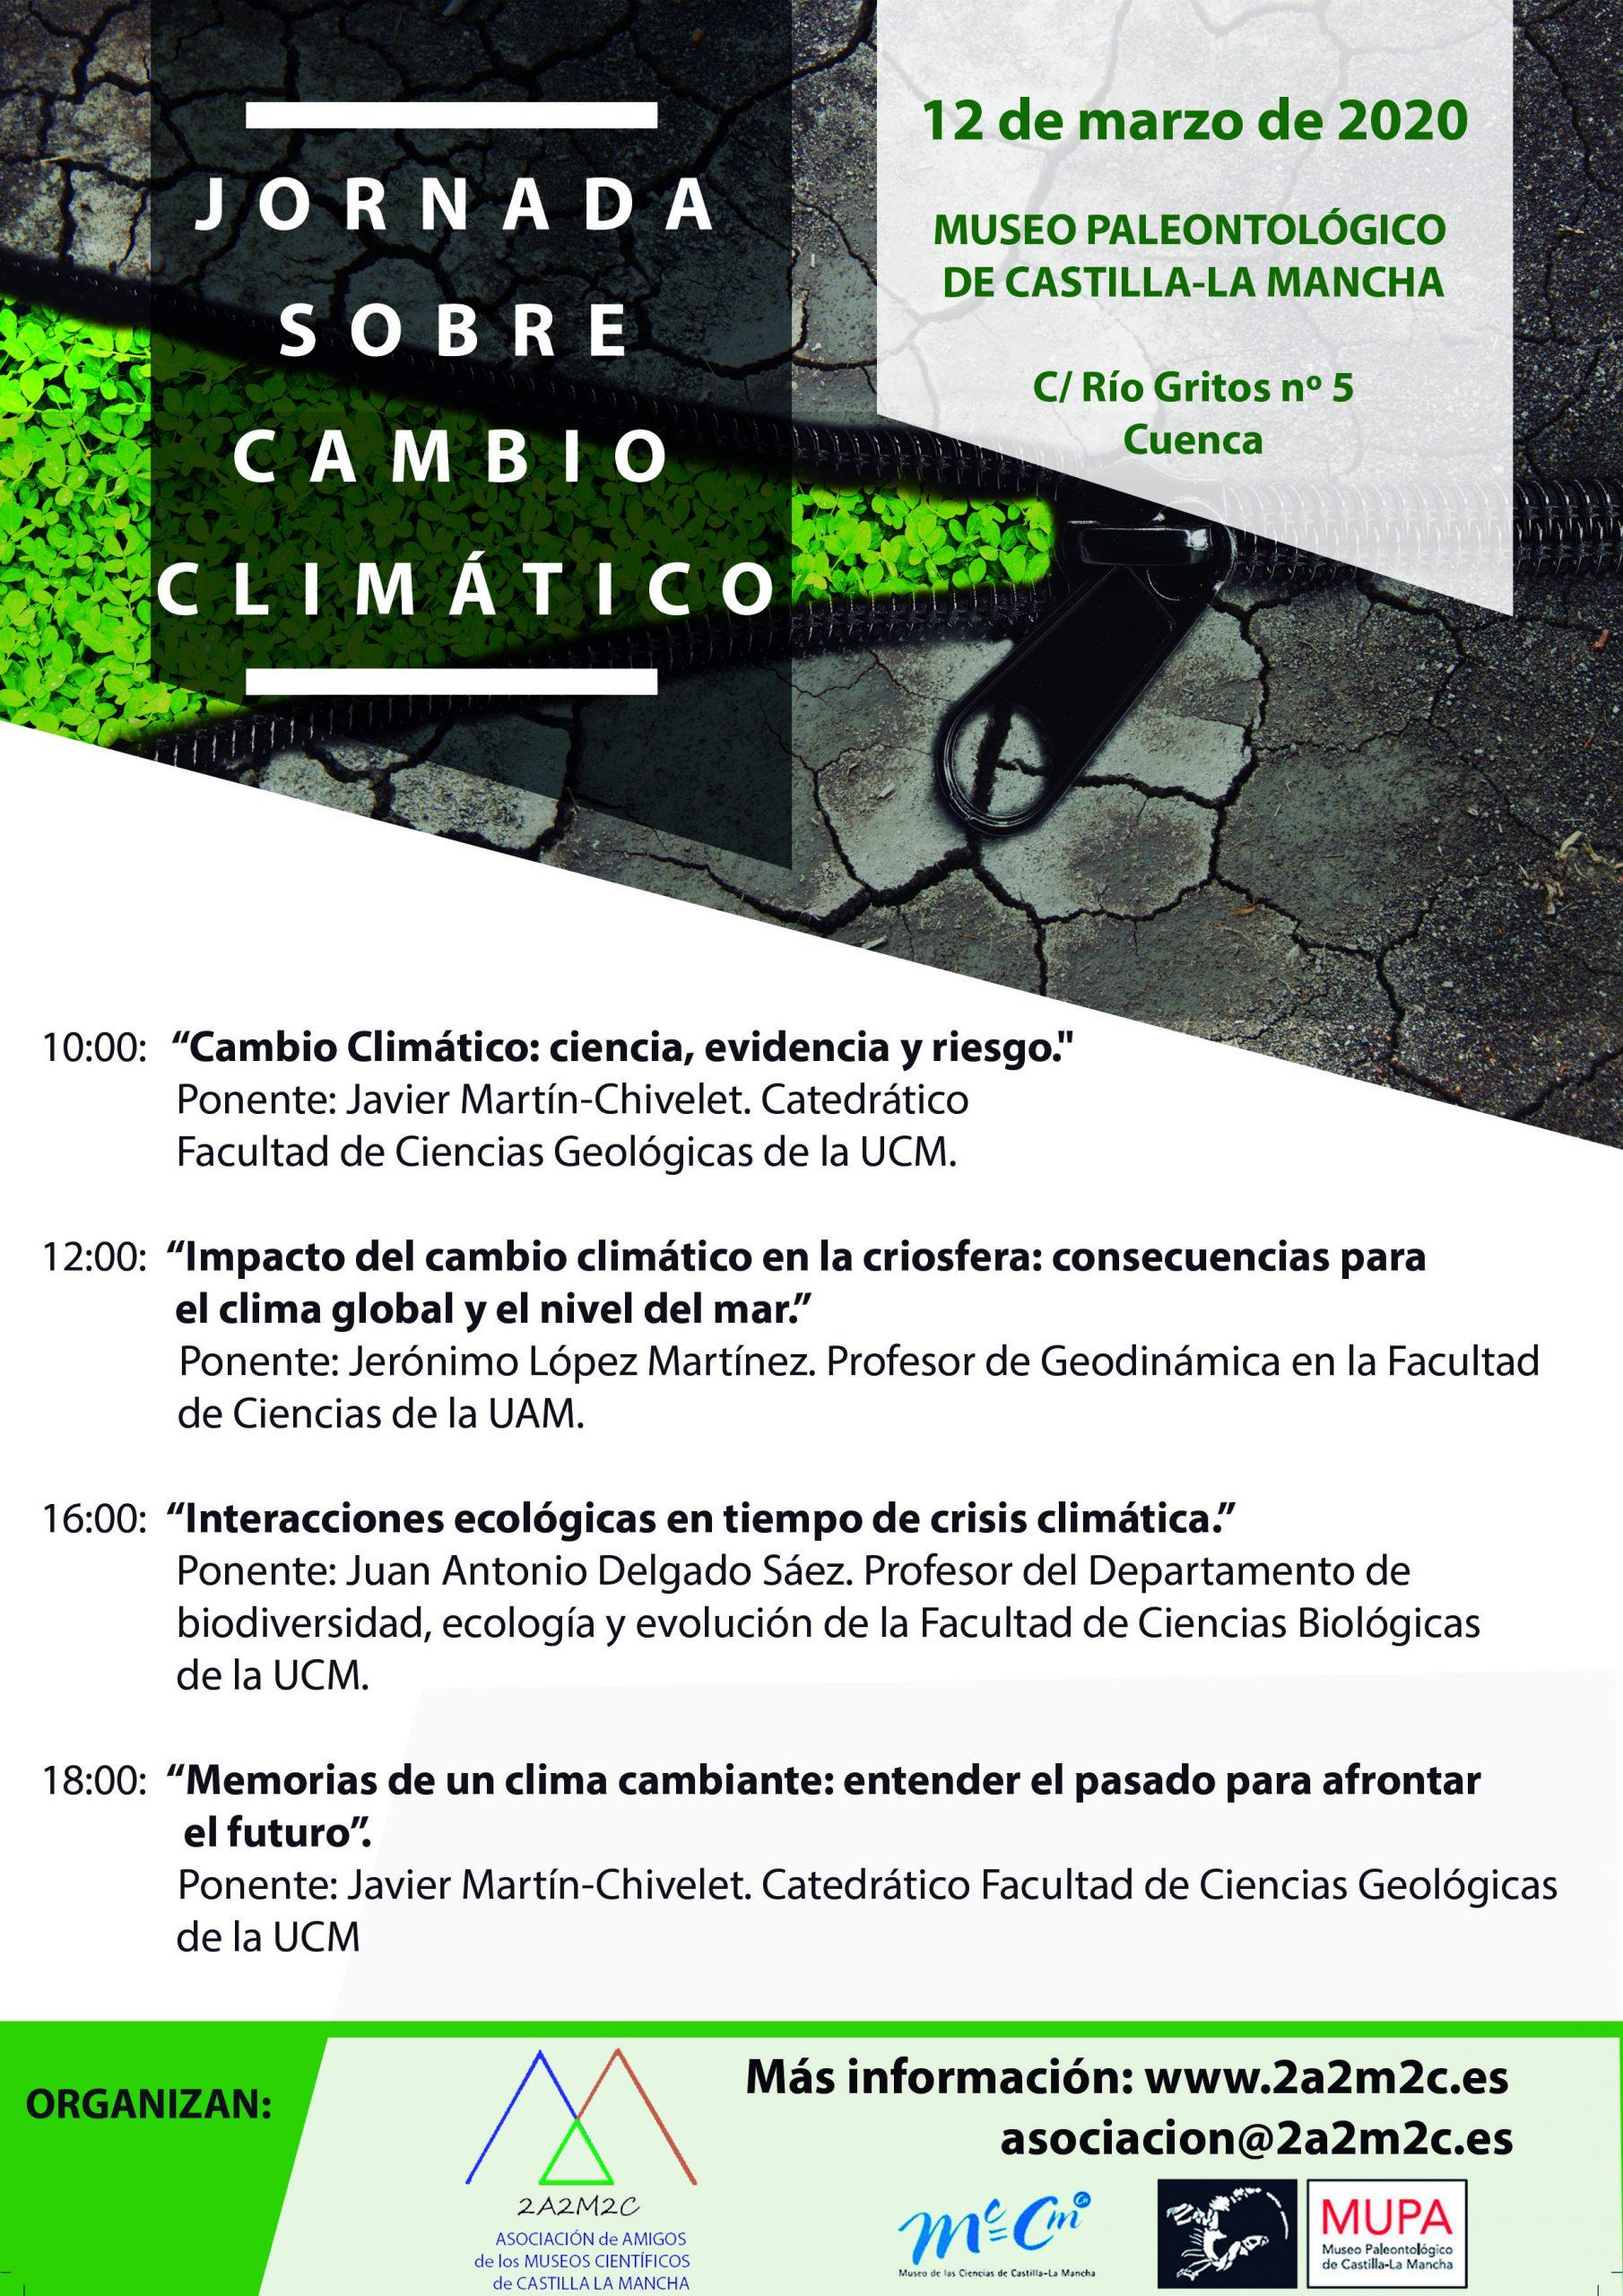 """""""Jornada sobre cambio climático"""" en el MUPA"""